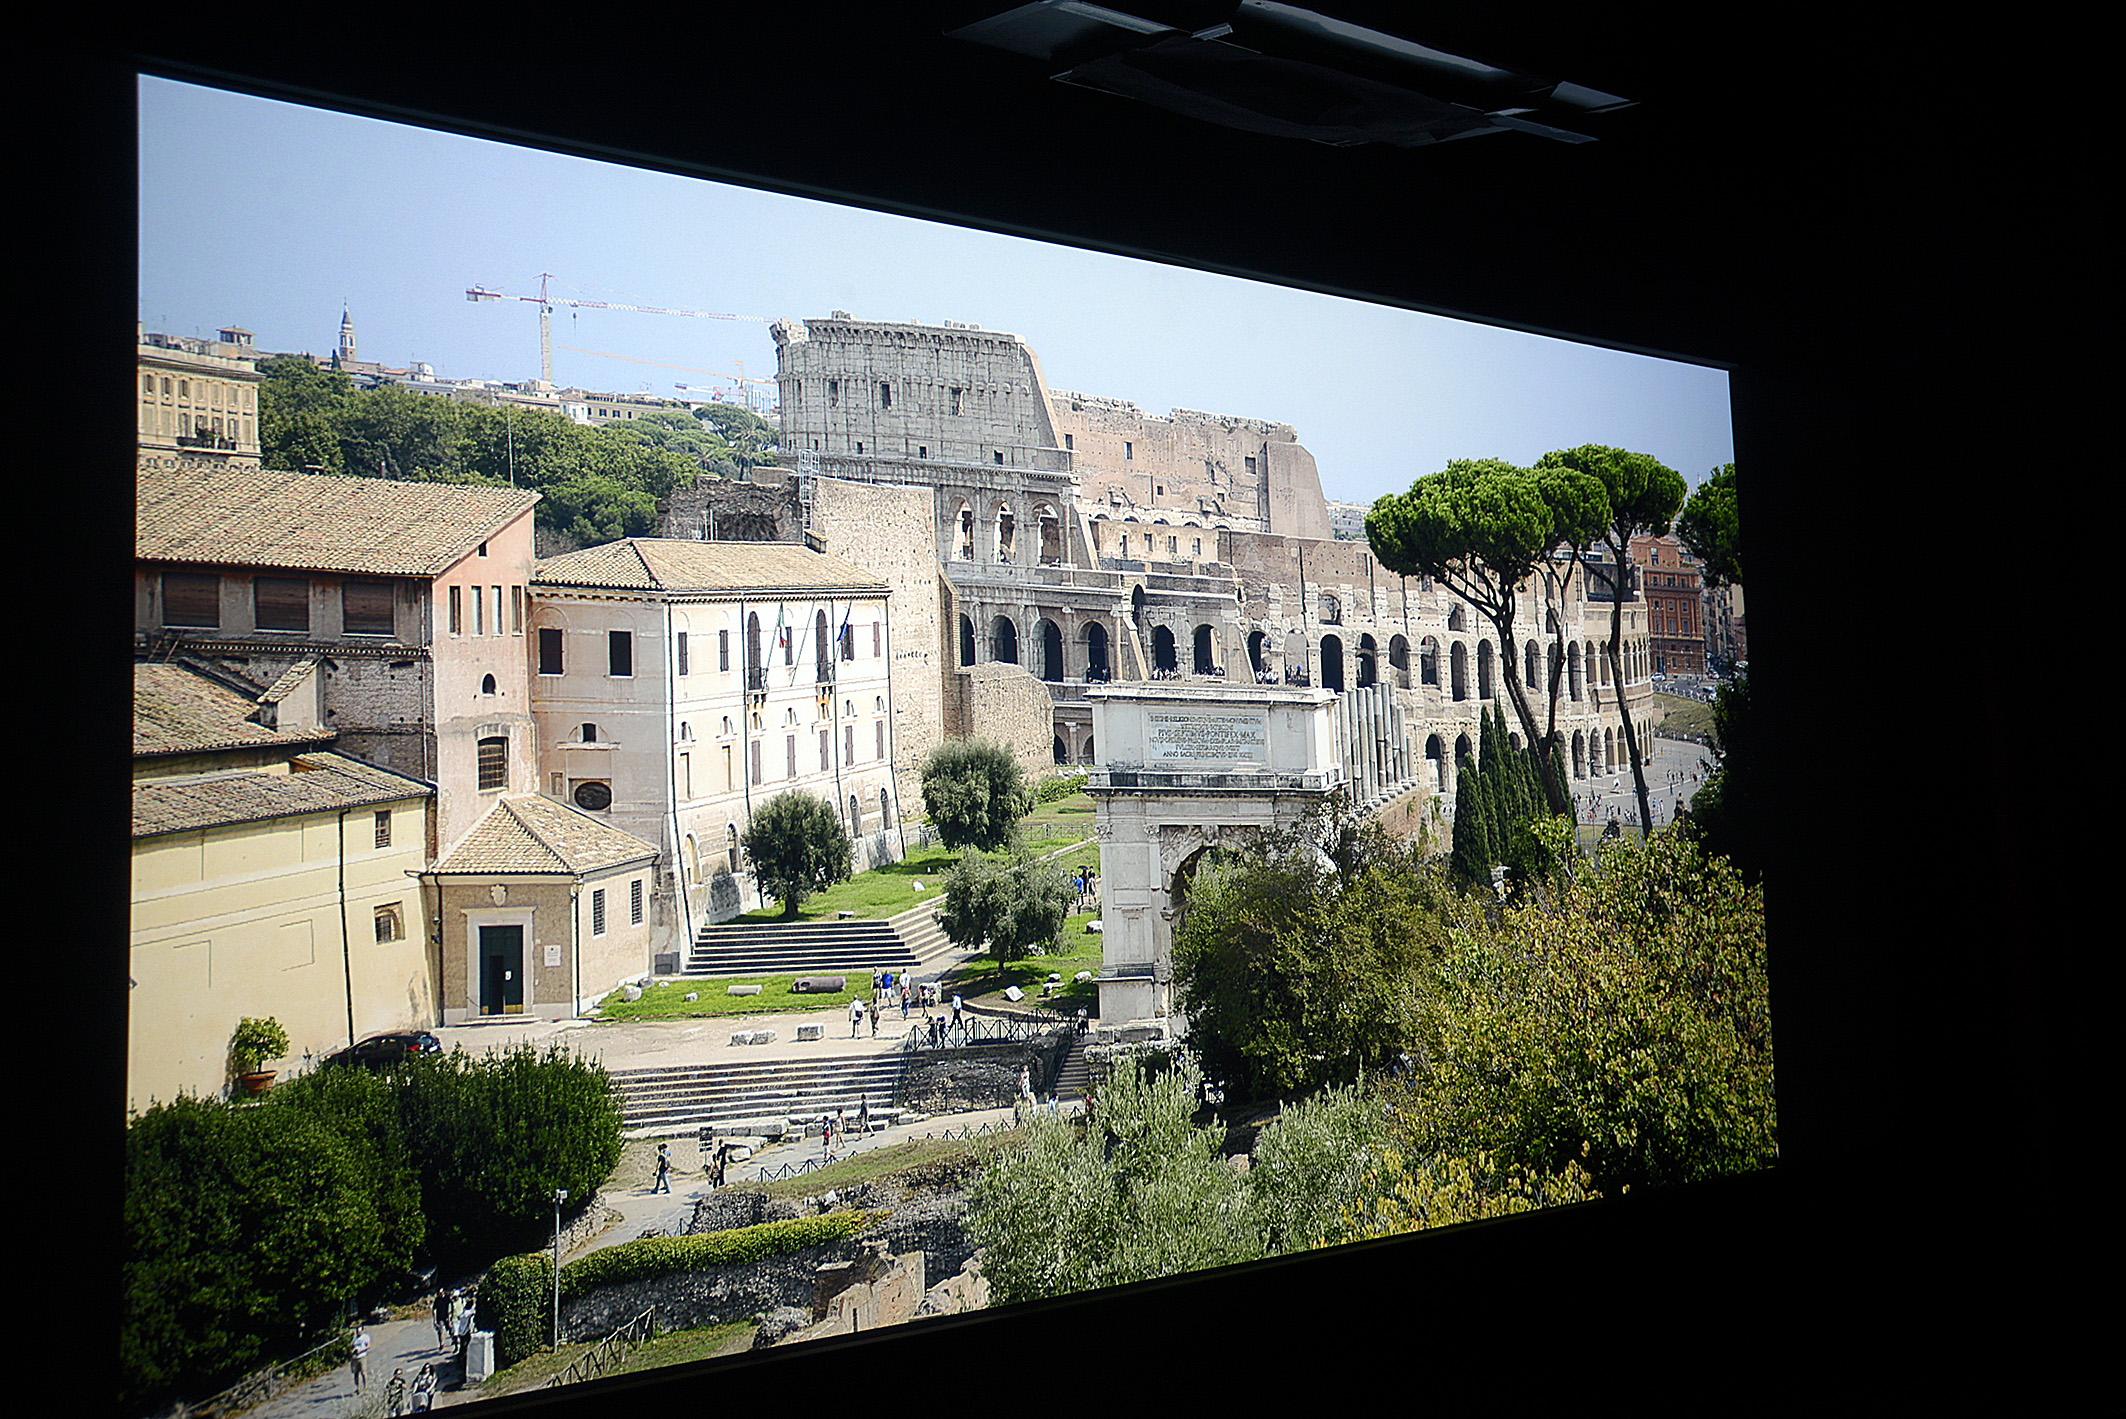 Foto: Michael B. Rehders Diese Aufnahme habe ich in Rom gemacht. Auch hier fällt auf, wie ausgezeichnet dem DLA-X5500 die Helligkeitsverteilung gelingt. Sogar der Kran im Hintergrund weist alle Streben auf, die in der Original-Aufnahmen enthalten sind.